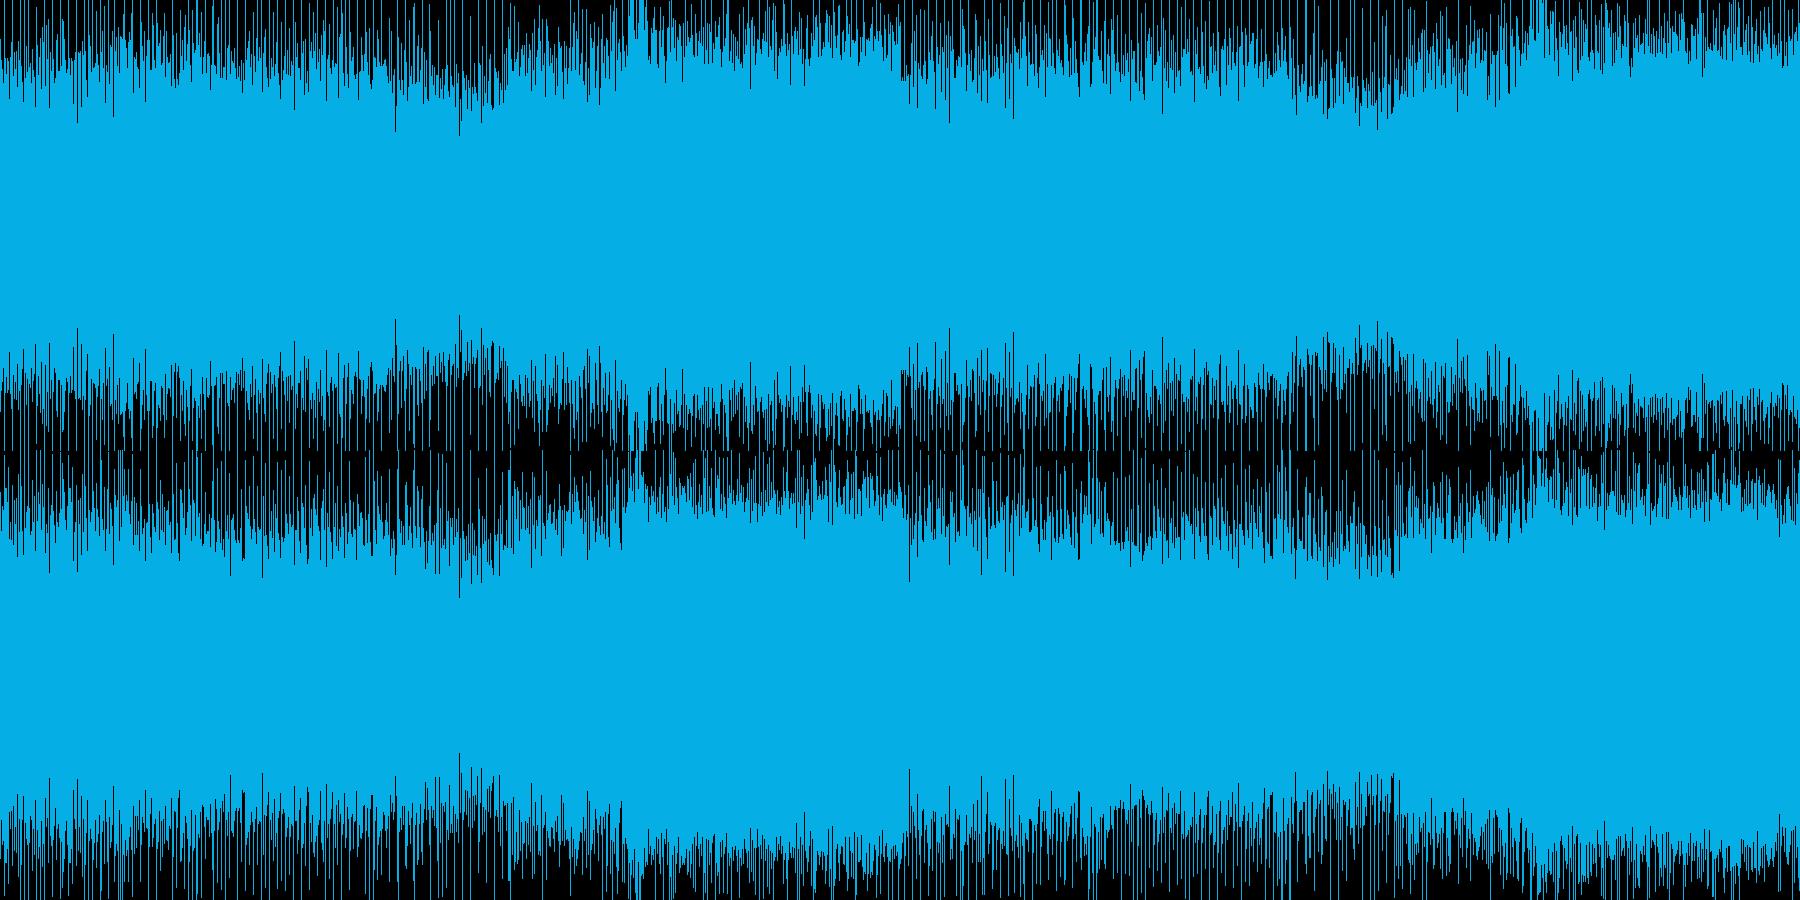 疾走感のあるギターのバトルロックサウンドの再生済みの波形